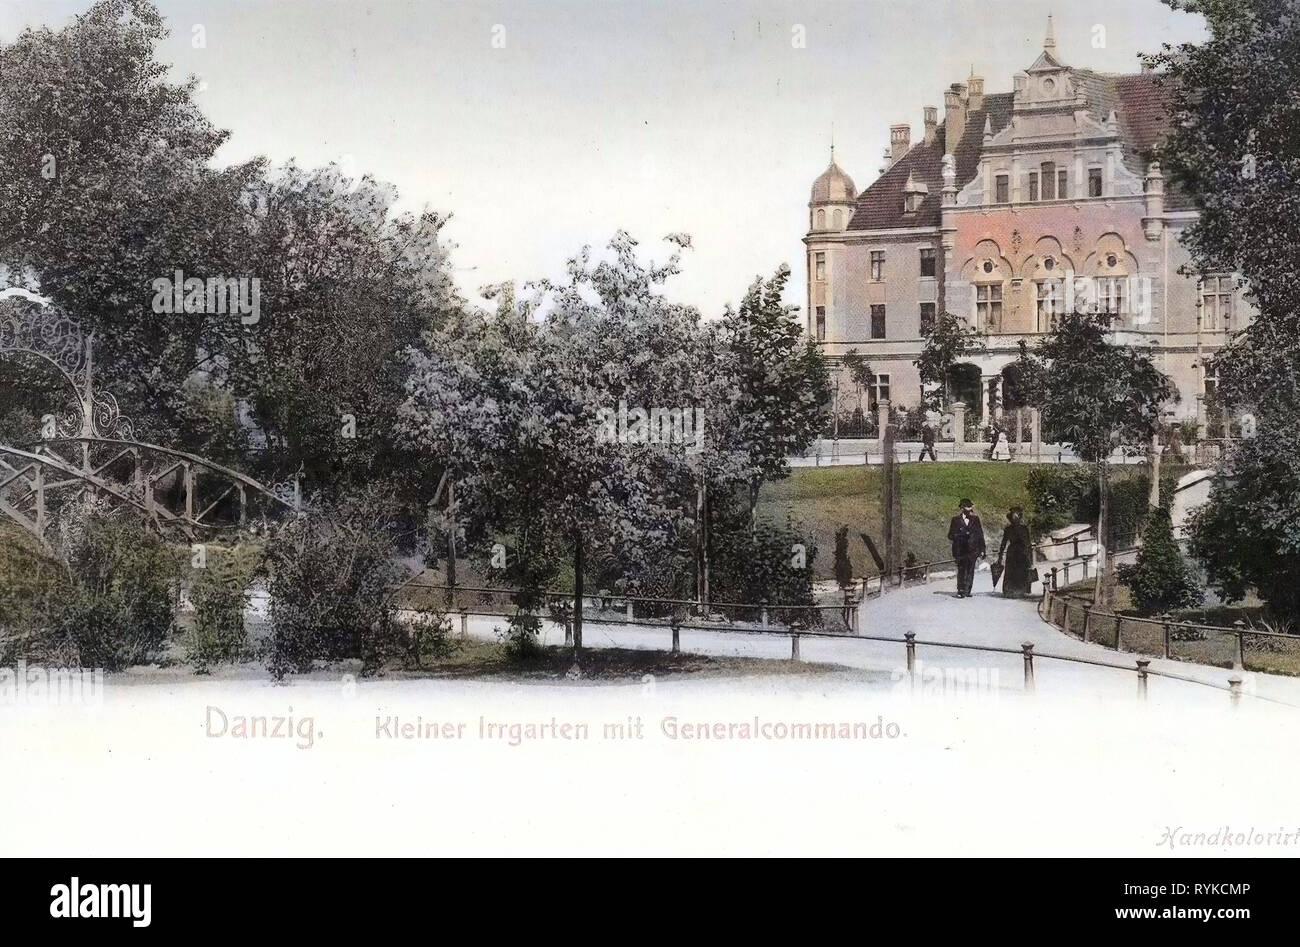 Bridges in Gdańsk, Military in West Prussia, Hedge mazes in Poland, 1901, Pomeranian Voivodeship, Danzig, Kleiner Irrgarten am Generalkommando - Stock Image